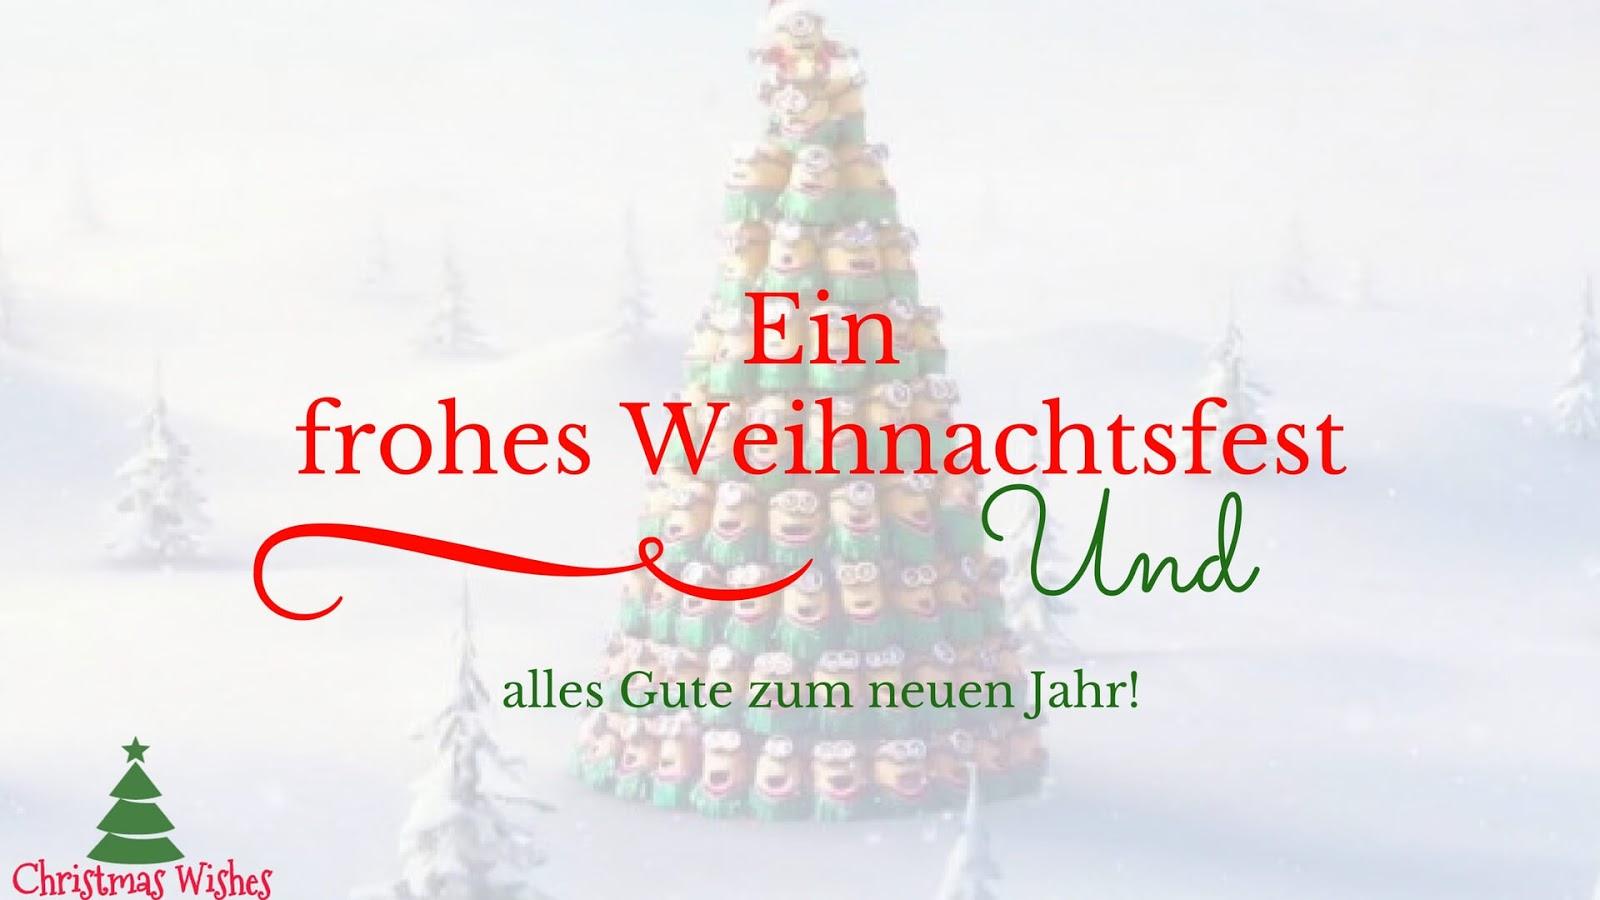 Lustig Frohe Weihnachten.Fantastisch Lustige Minions Bilder Frohe Weihnachten 2018